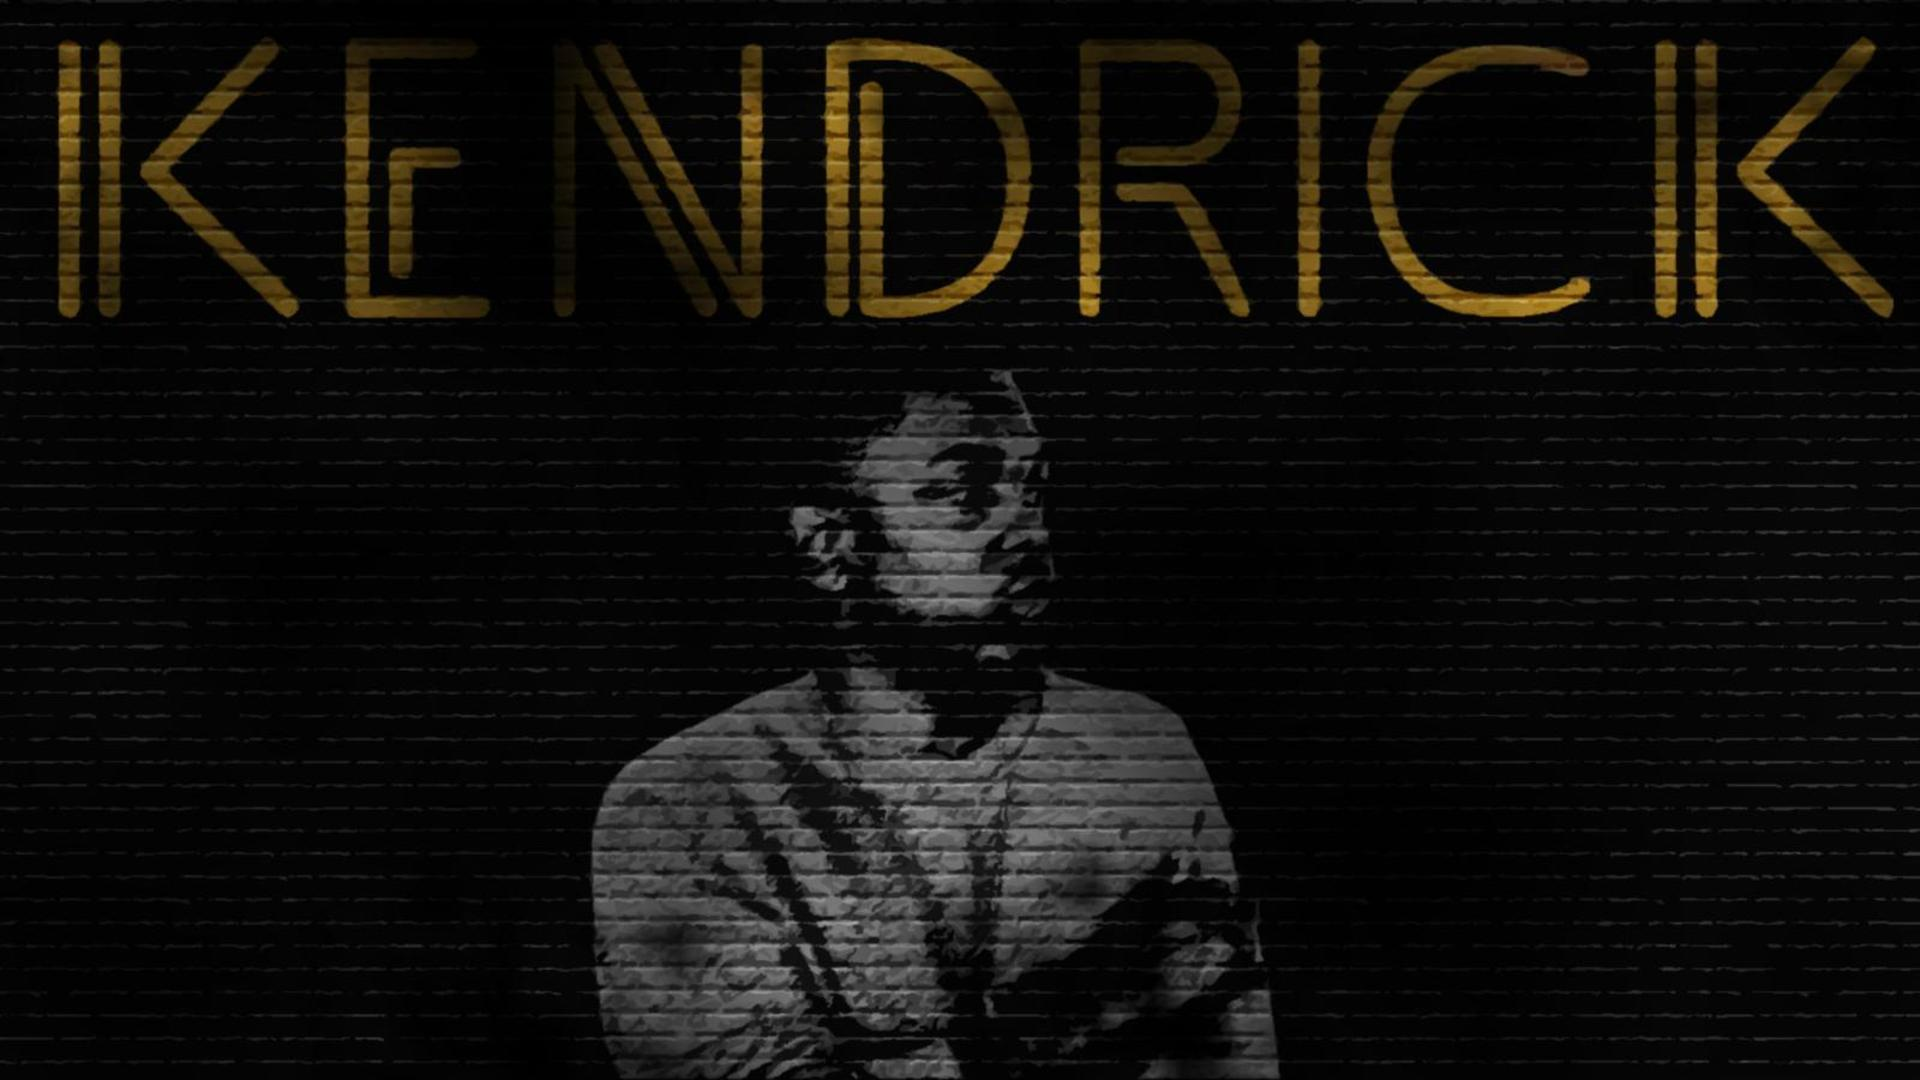 Kendrick Lamar Wallpapers - Wallpaper Cave